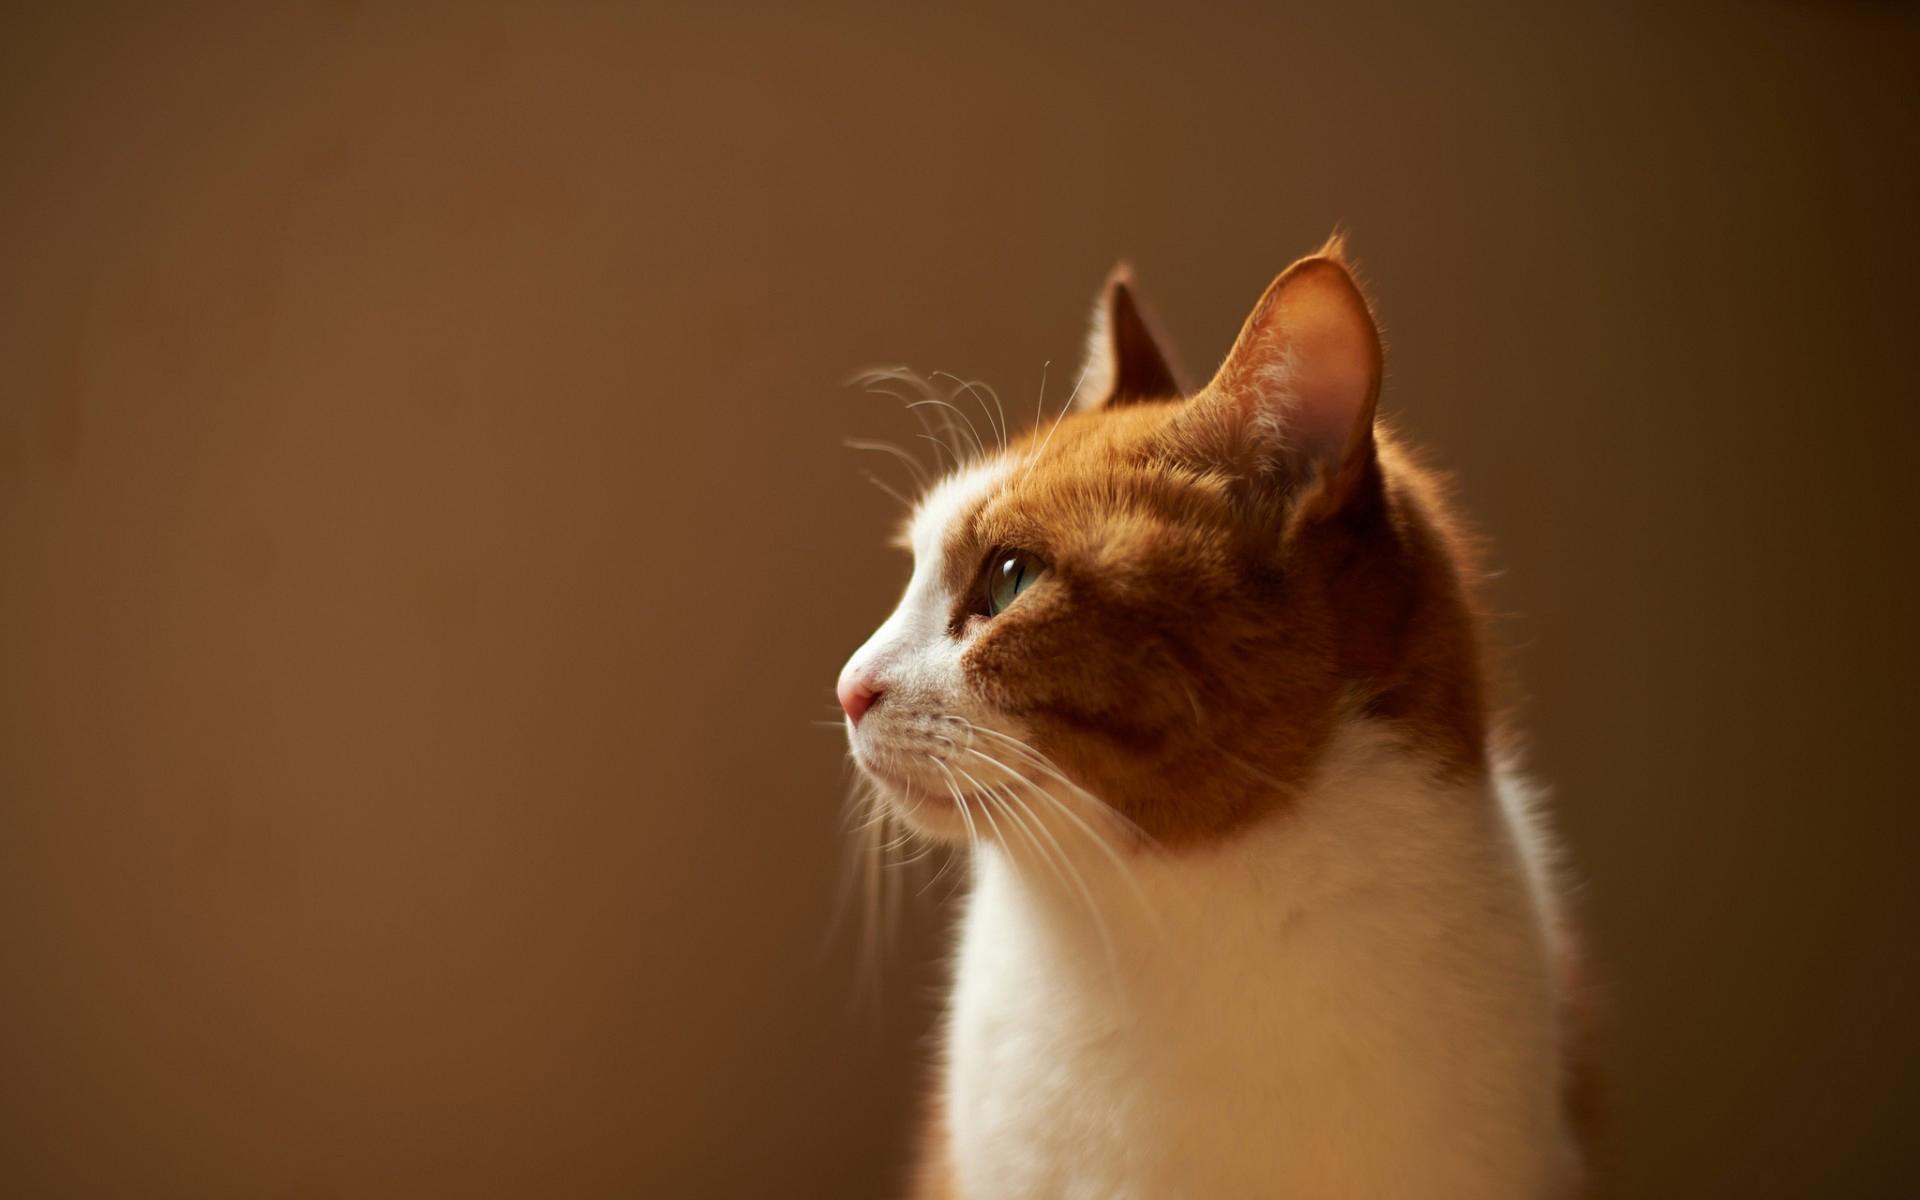 Картинки кошек рыжих с белым